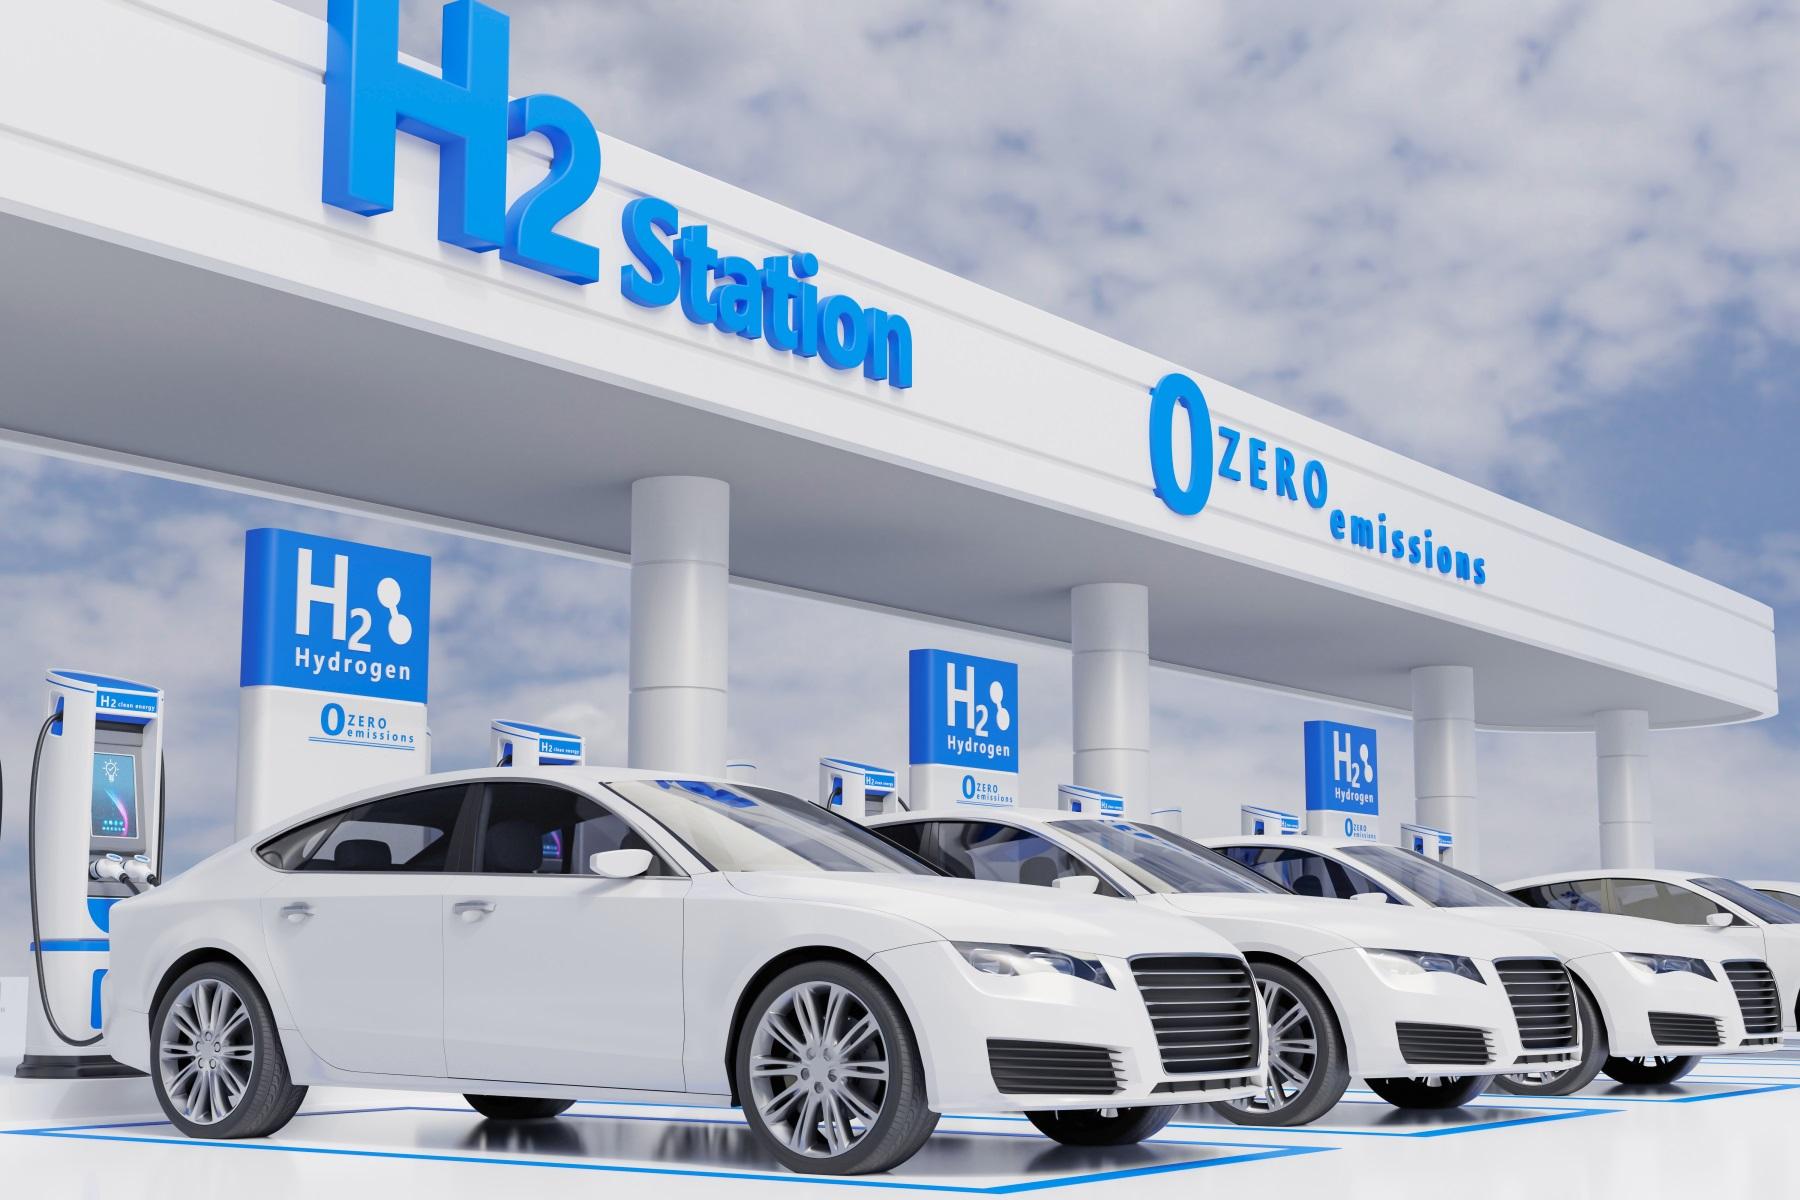 19款高清新能源汽车充电桩充电站汽车充电JPG图片设计素材 Charging Pile Picture插图14